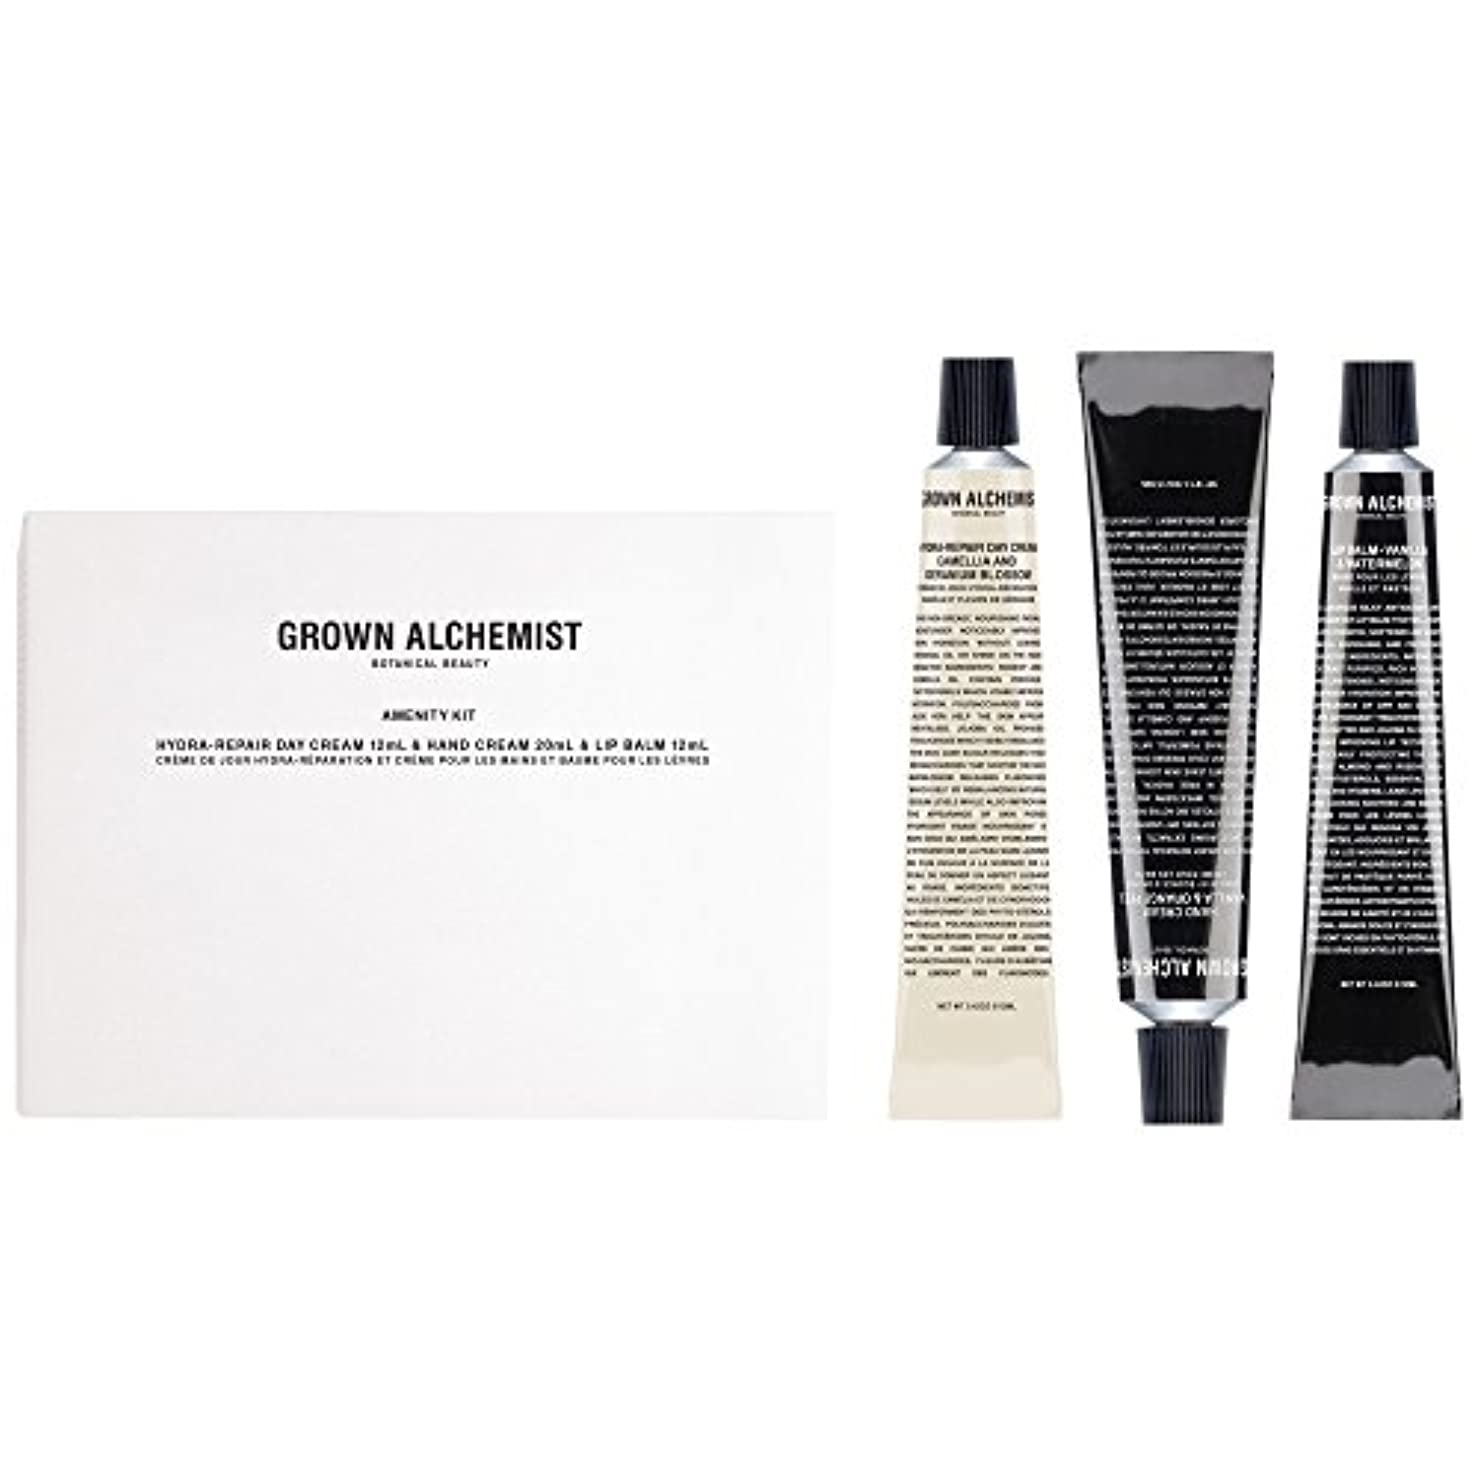 成長した錬金術師アメニティキットギフトセット (Grown Alchemist) (x6) - Grown Alchemist Amenity Kit Gift Set (Pack of 6) [並行輸入品]